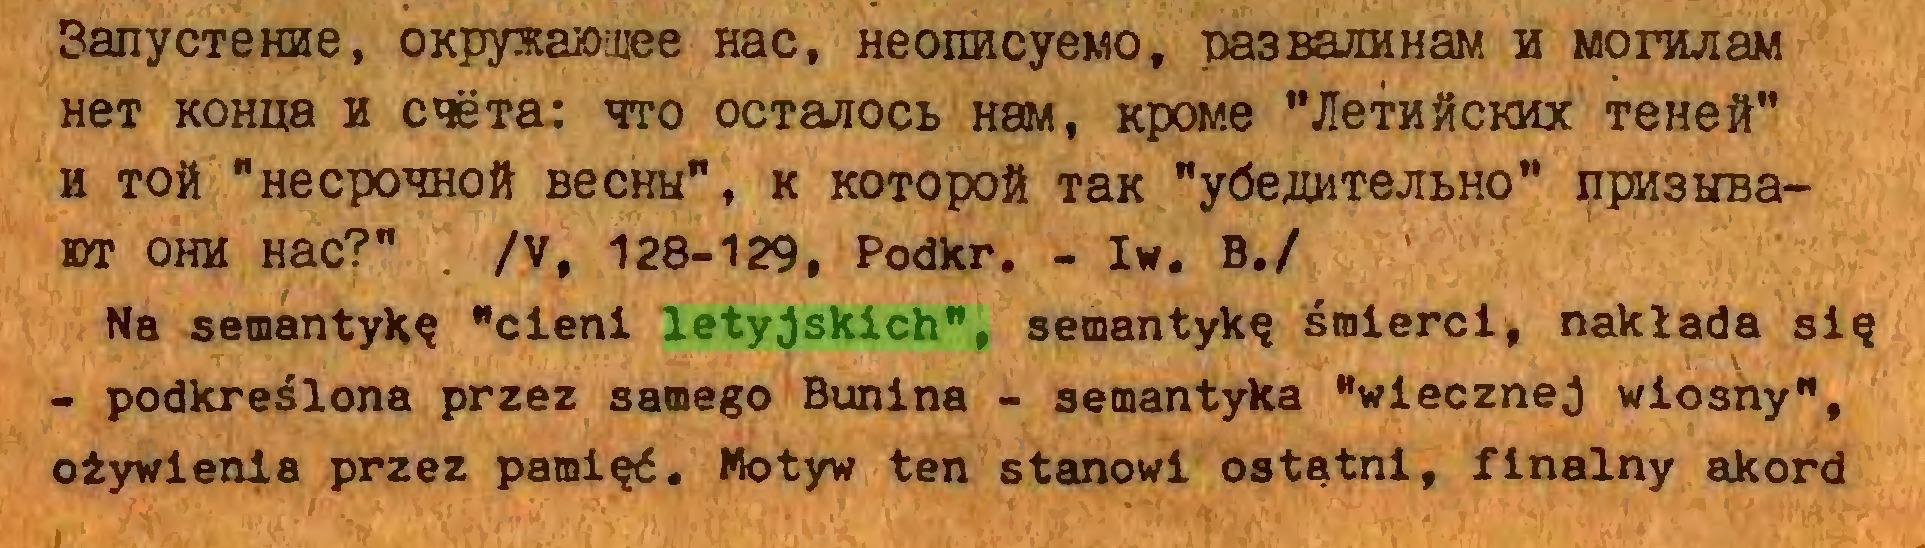 """(...) SanycTerae, OKpysa»!ijee Hac, HeoimcyeMO, pa3BaraHaM h MonwaM HeT KOHiia h cneTa: hto ocTarocB hsm, Kpow.e """"JieTH#CKHx TeHeił"""" H TOtt """"HecpOHHOił BeCHH"""", K KOTOpOft TSK """"yóefflłTeJIBHO"""" HFMSHBam OHH Hac?"""" . /V, 128-129, Podkr. - Iw. B./ Na semantykę """"cieni letyjskich"""", semantykę śmierci, nakłada się - podkreślona przez samego Bunina - semantyka """"wiecznej wiosny"""", ożywienia przez pamięć. Motyw ten stanowi ostatni, finalny akord..."""